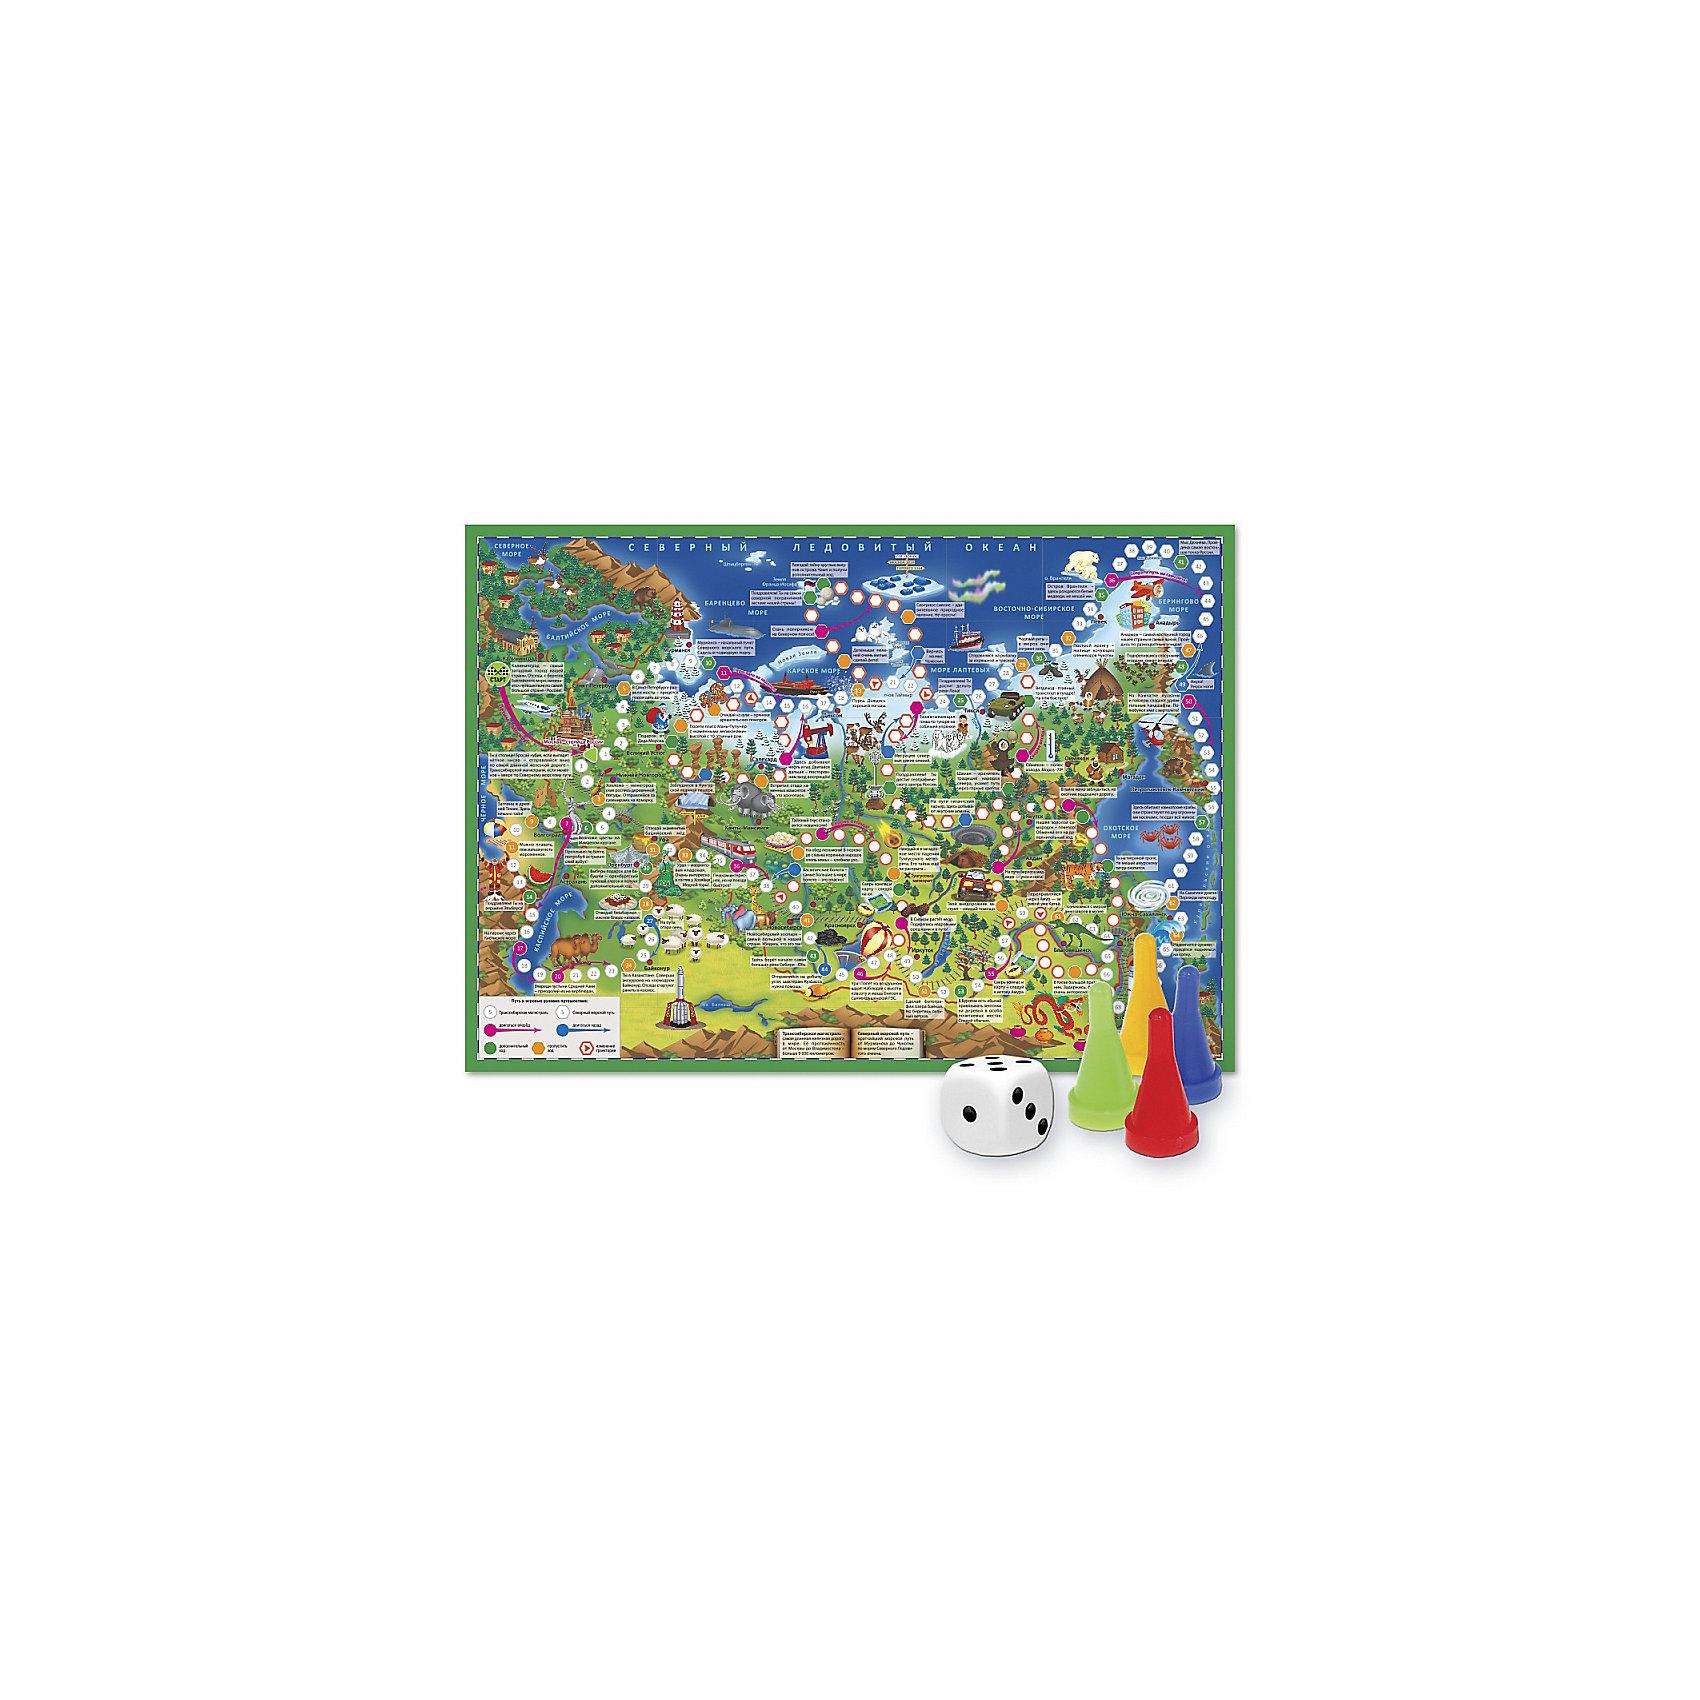 Игра-ходилка с фишками Путешествие по РоссииНастольные игры<br>Характеристики товара:<br><br>• возраст от 6 лет;<br>• материал: картон;<br>• количество игроков: от 2 до 4<br>• время одной игры: от 20 минут<br>• в комплекте: игровое поле, 4 фишки, кубик;<br>• размер игрового поля 59х42 см;<br>• размер упаковки 31х23х2 см;<br>• страна производитель: Россия.<br><br>Игра-ходилка «Путешествие по России» ГеоДом отправит в увлекательное путешествие по нашей стране. На игровом поле изображены известные достопримечательности. Бросая кубик, надо продвигаться вперед, преодолевая путь от Калининграда до Владивостока. На пути дети познакомятся с самыми красивыми городами и уголками нашей страны.<br><br>Игру-ходилку «Путешествие по России» ГеоДом можно приобрести в нашем интернет-магазине.<br><br>Ширина мм: 595<br>Глубина мм: 420<br>Высота мм: 50<br>Вес г: 83<br>Возраст от месяцев: 36<br>Возраст до месяцев: 2147483647<br>Пол: Унисекс<br>Возраст: Детский<br>SKU: 5518172